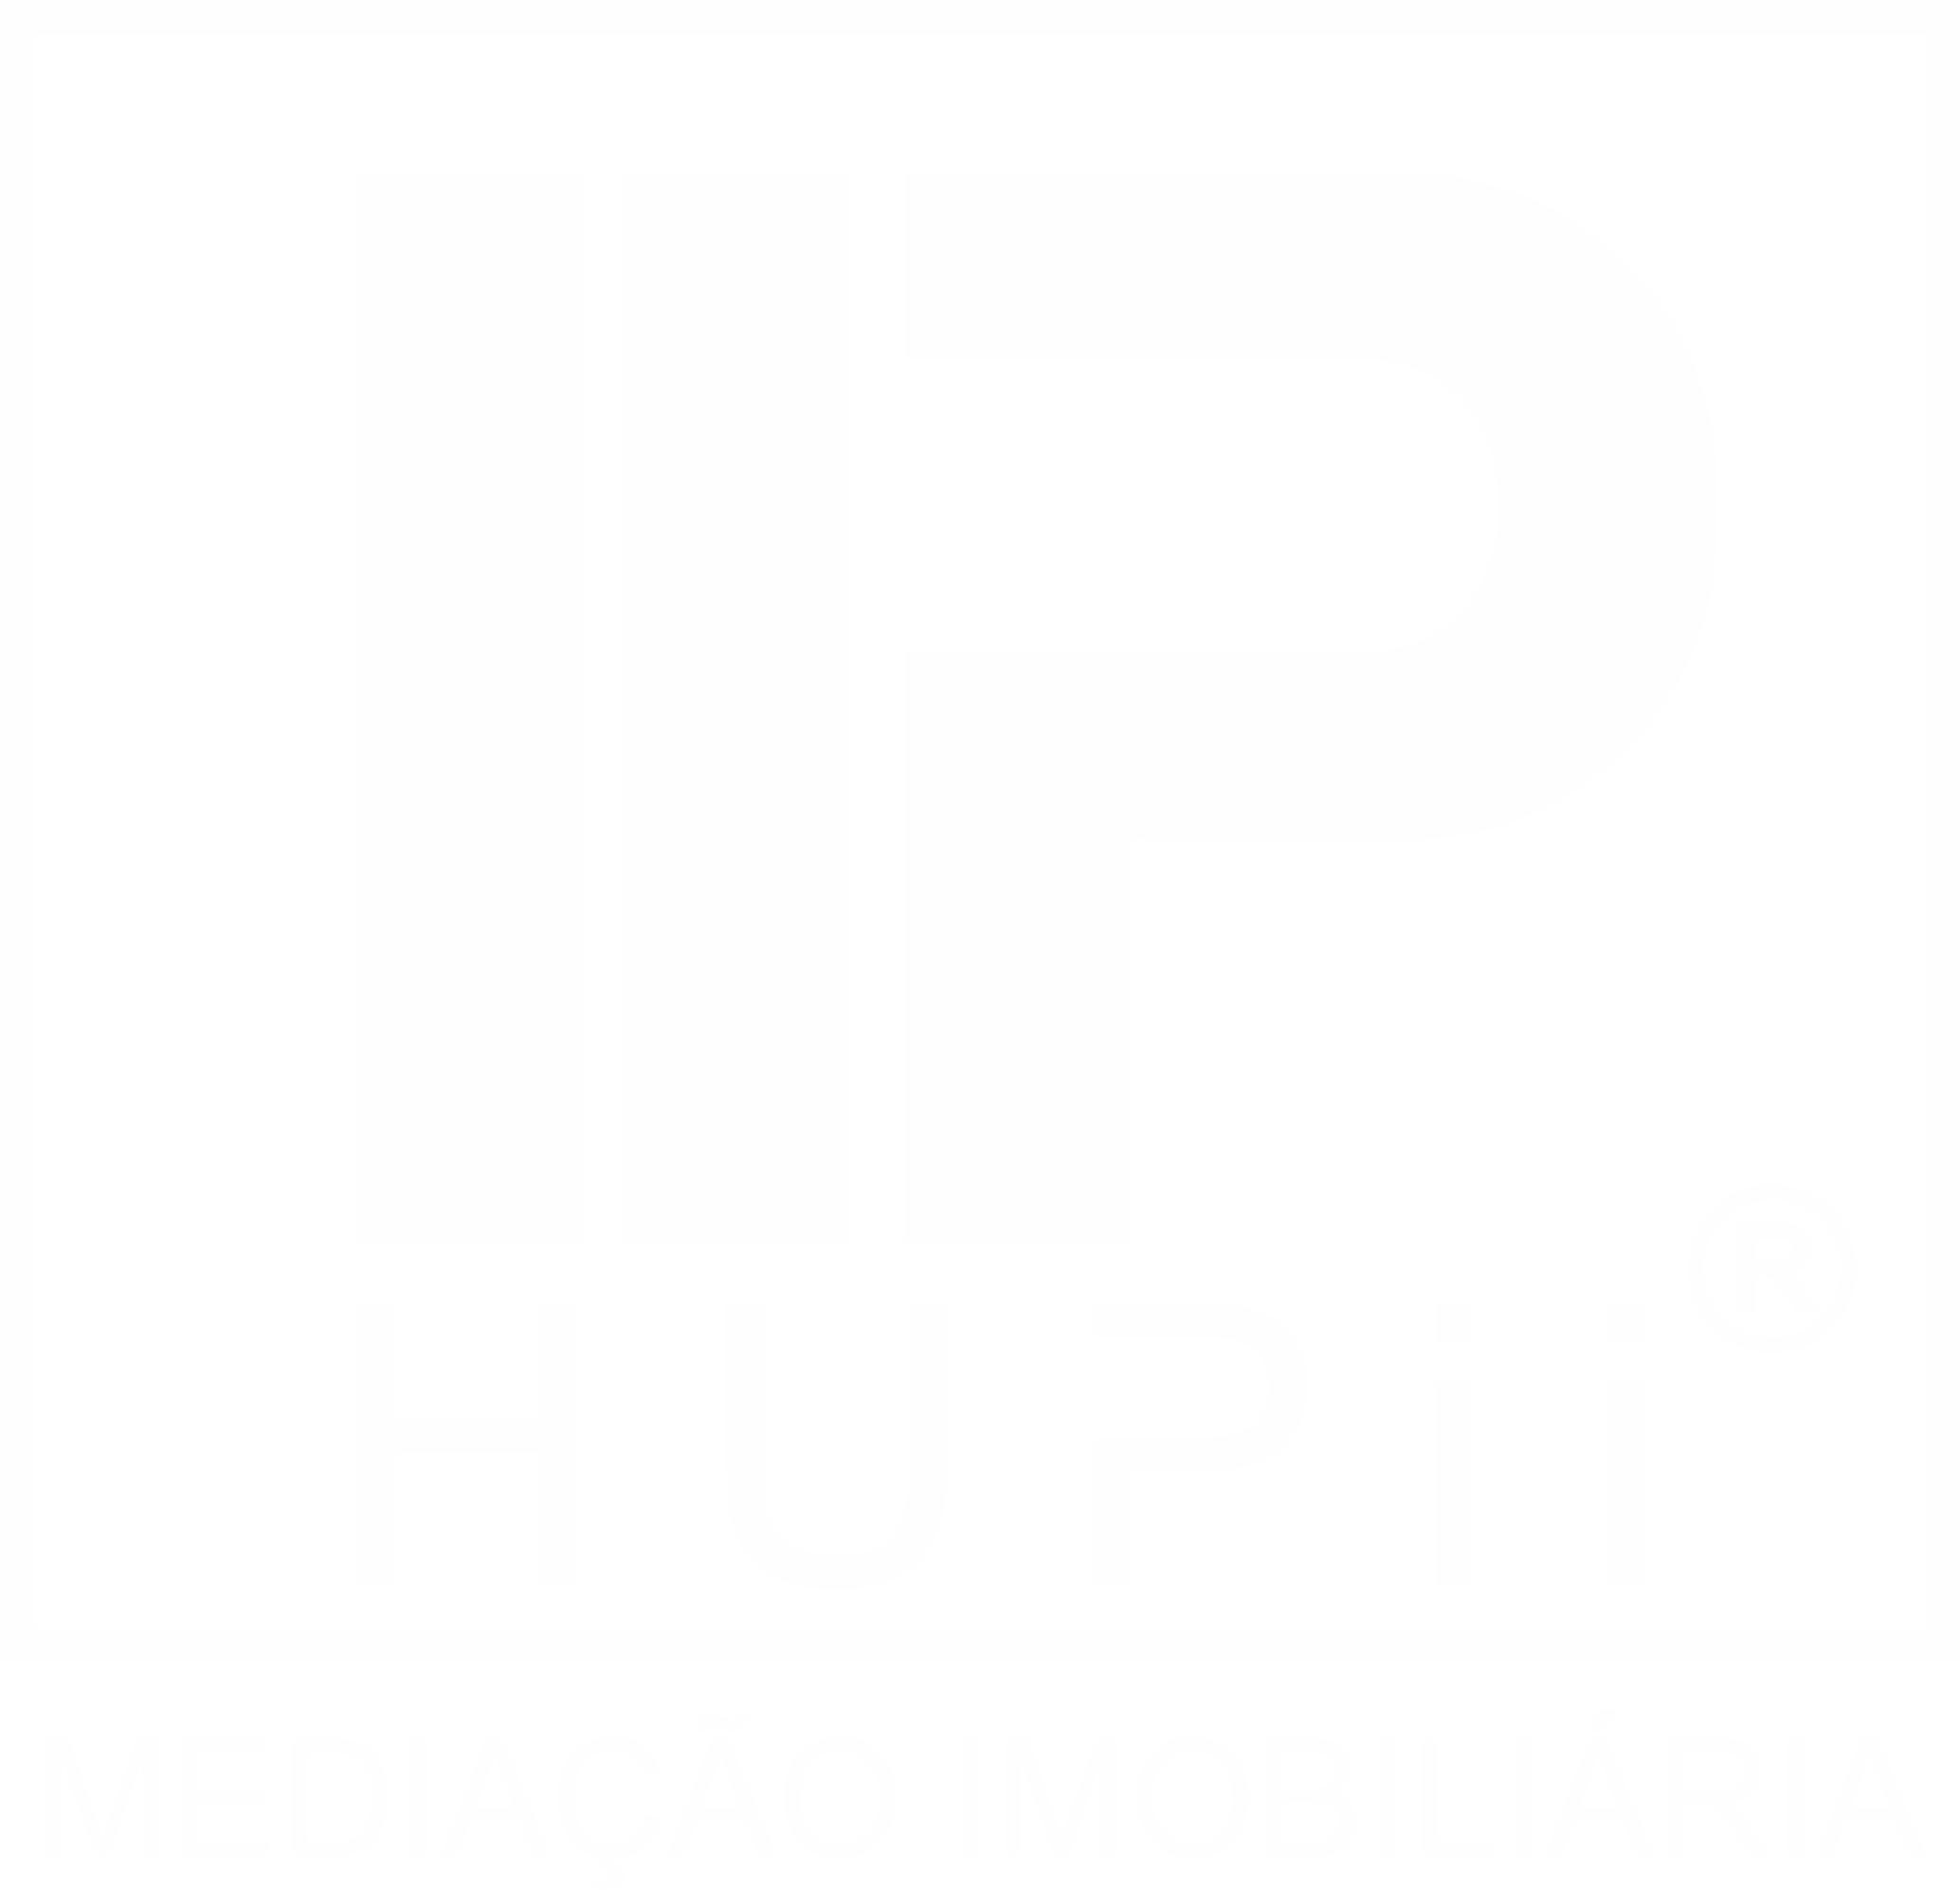 HUPii-Mediação Imobiliária HFPP